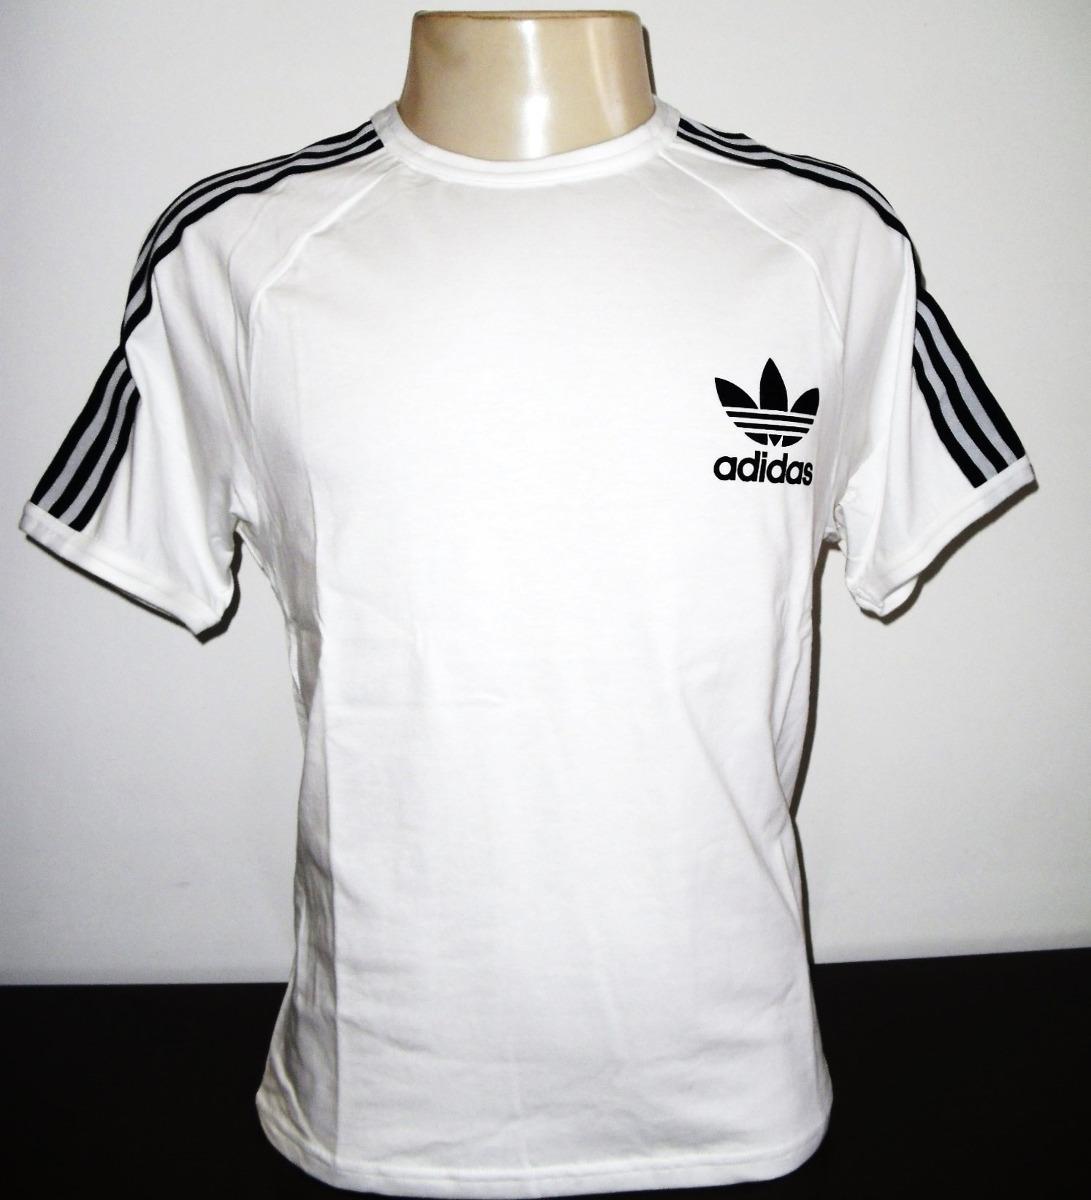 camisa adidas retro vintage branca originals pronta entrega. Carregando  zoom. eb5ef0102c23e